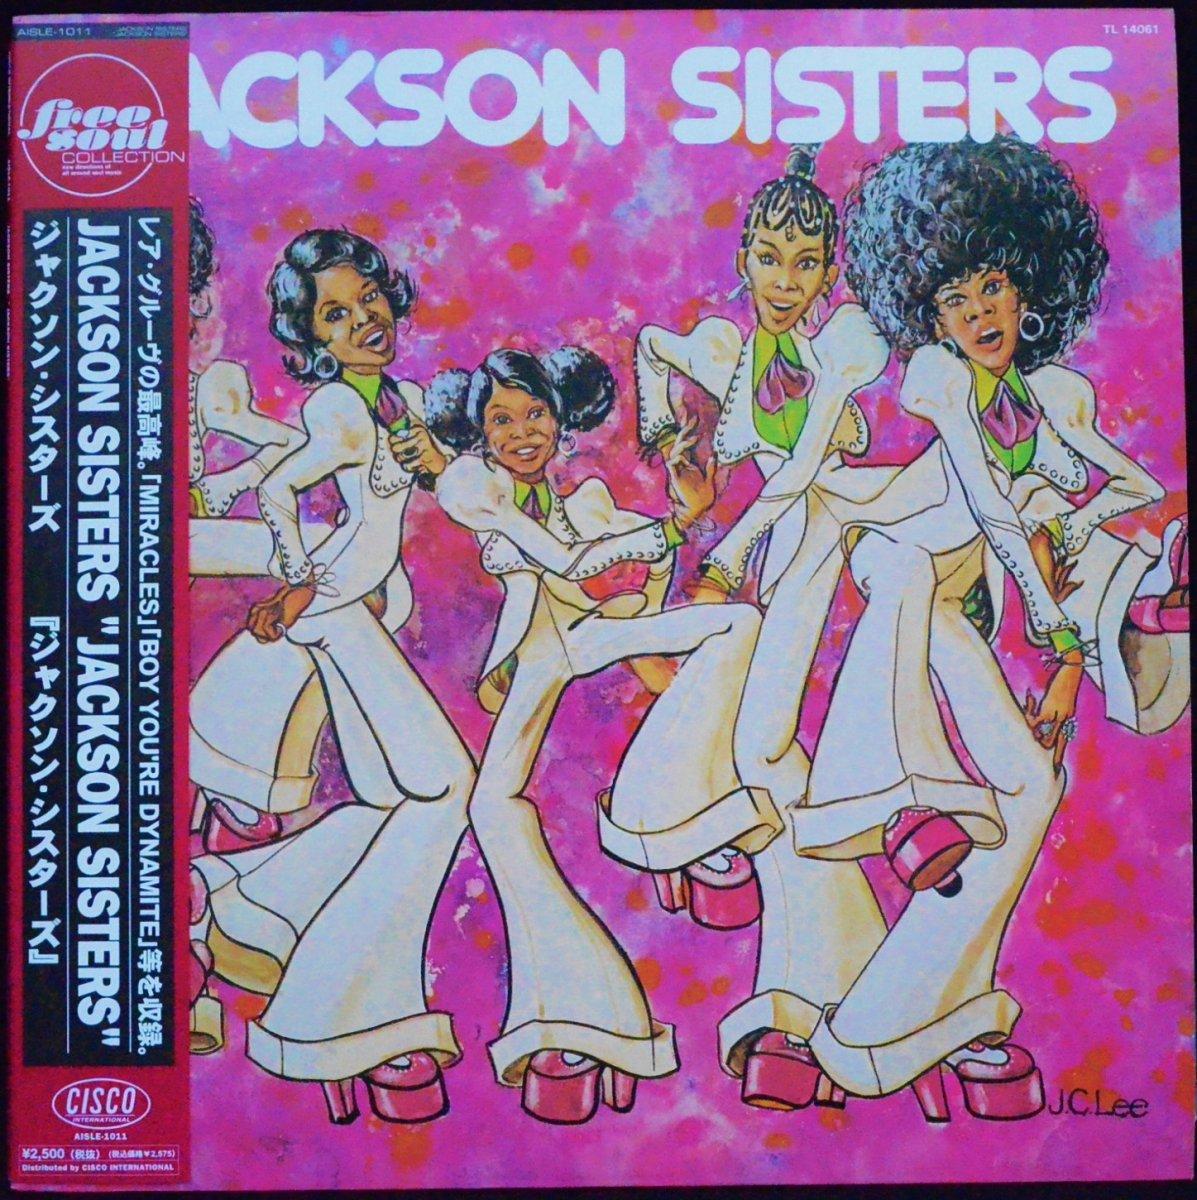 ジャクソン・シスターズ JACKSON SISTERS / JACKSON SISTERS (LP)